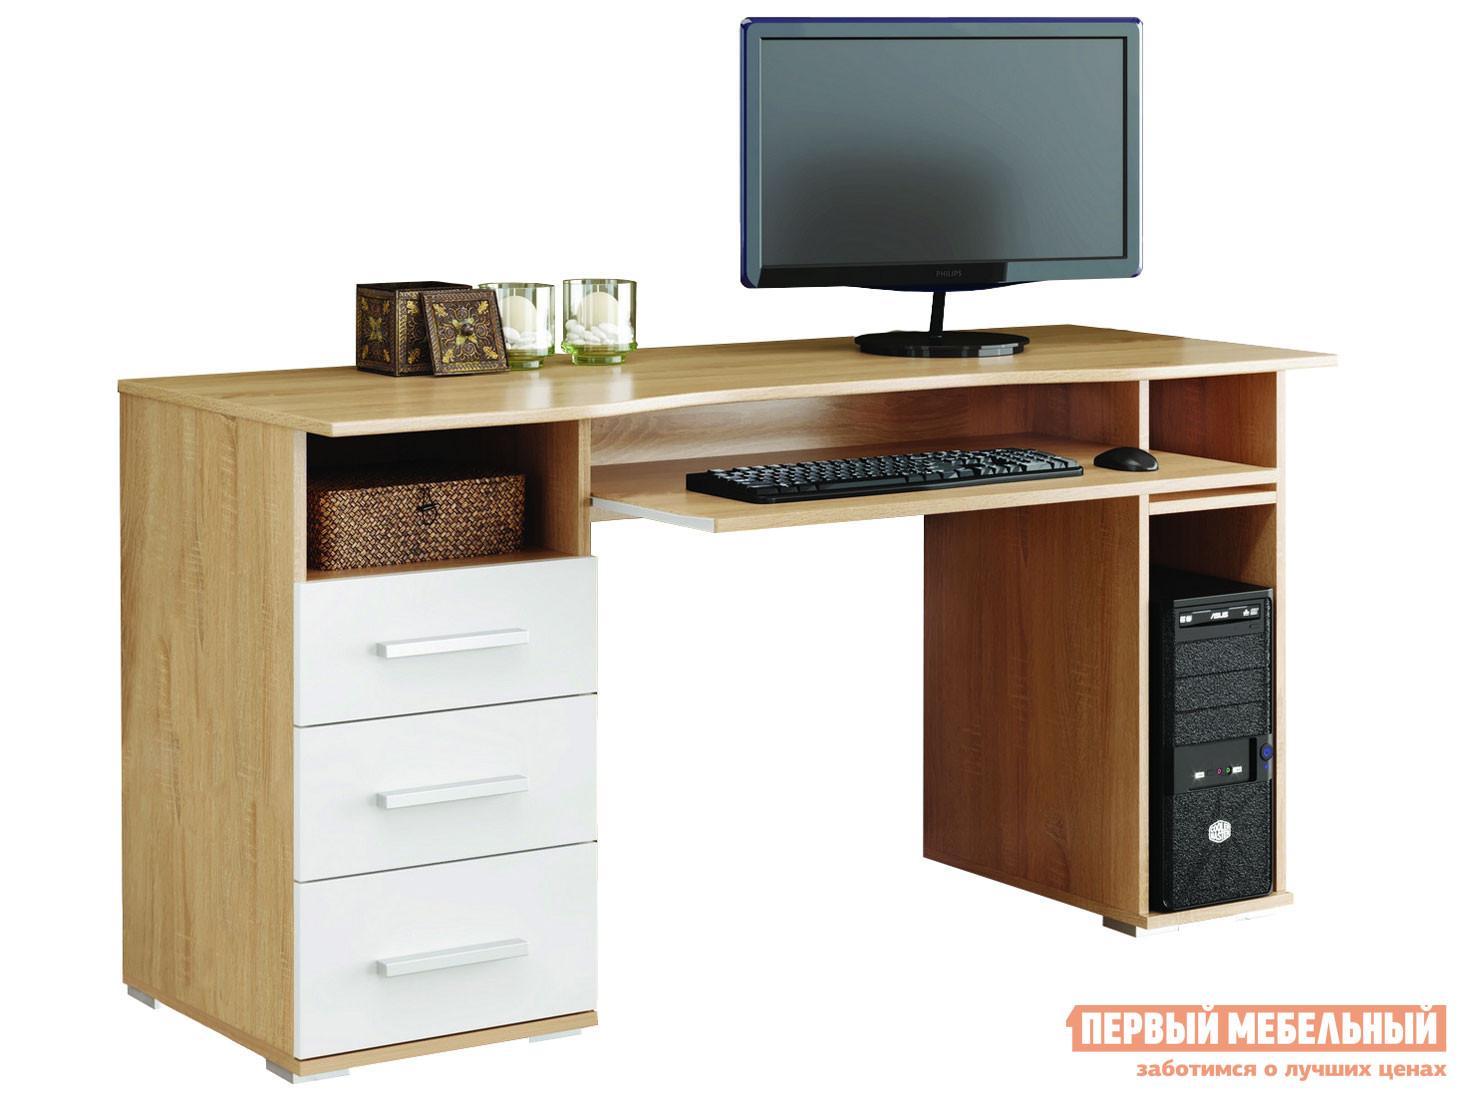 Компьютерный стол Первый Мебельный Компьютерный стол Адам